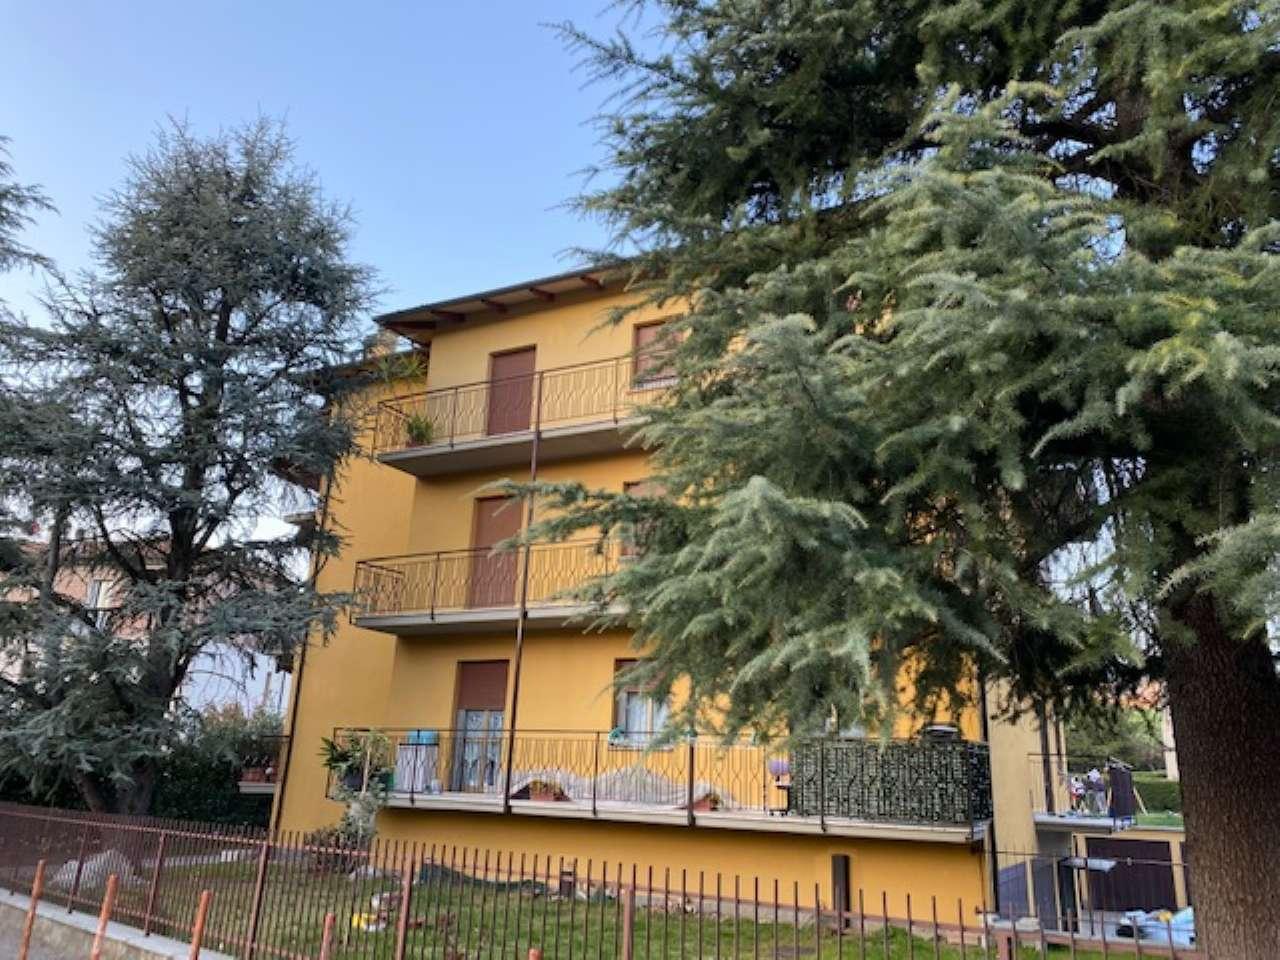 Quadrilocale, Via Idice, Località Mercatale, Ozzano dell'Emilia, foto 12